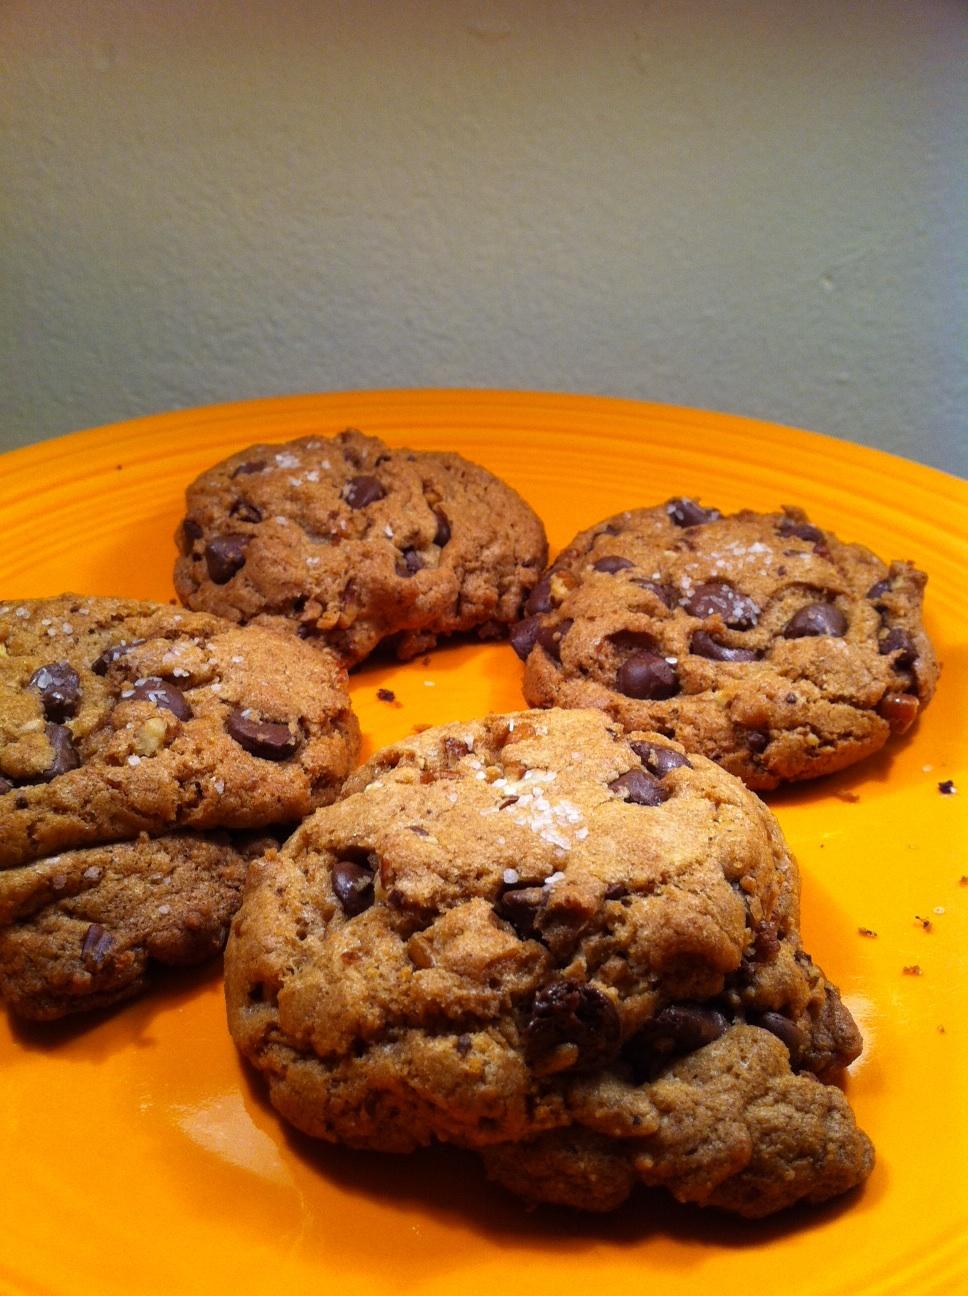 ... secret ingredient is RAGE: Olive Oil & Sea Salt Chocolate Chip Cookies